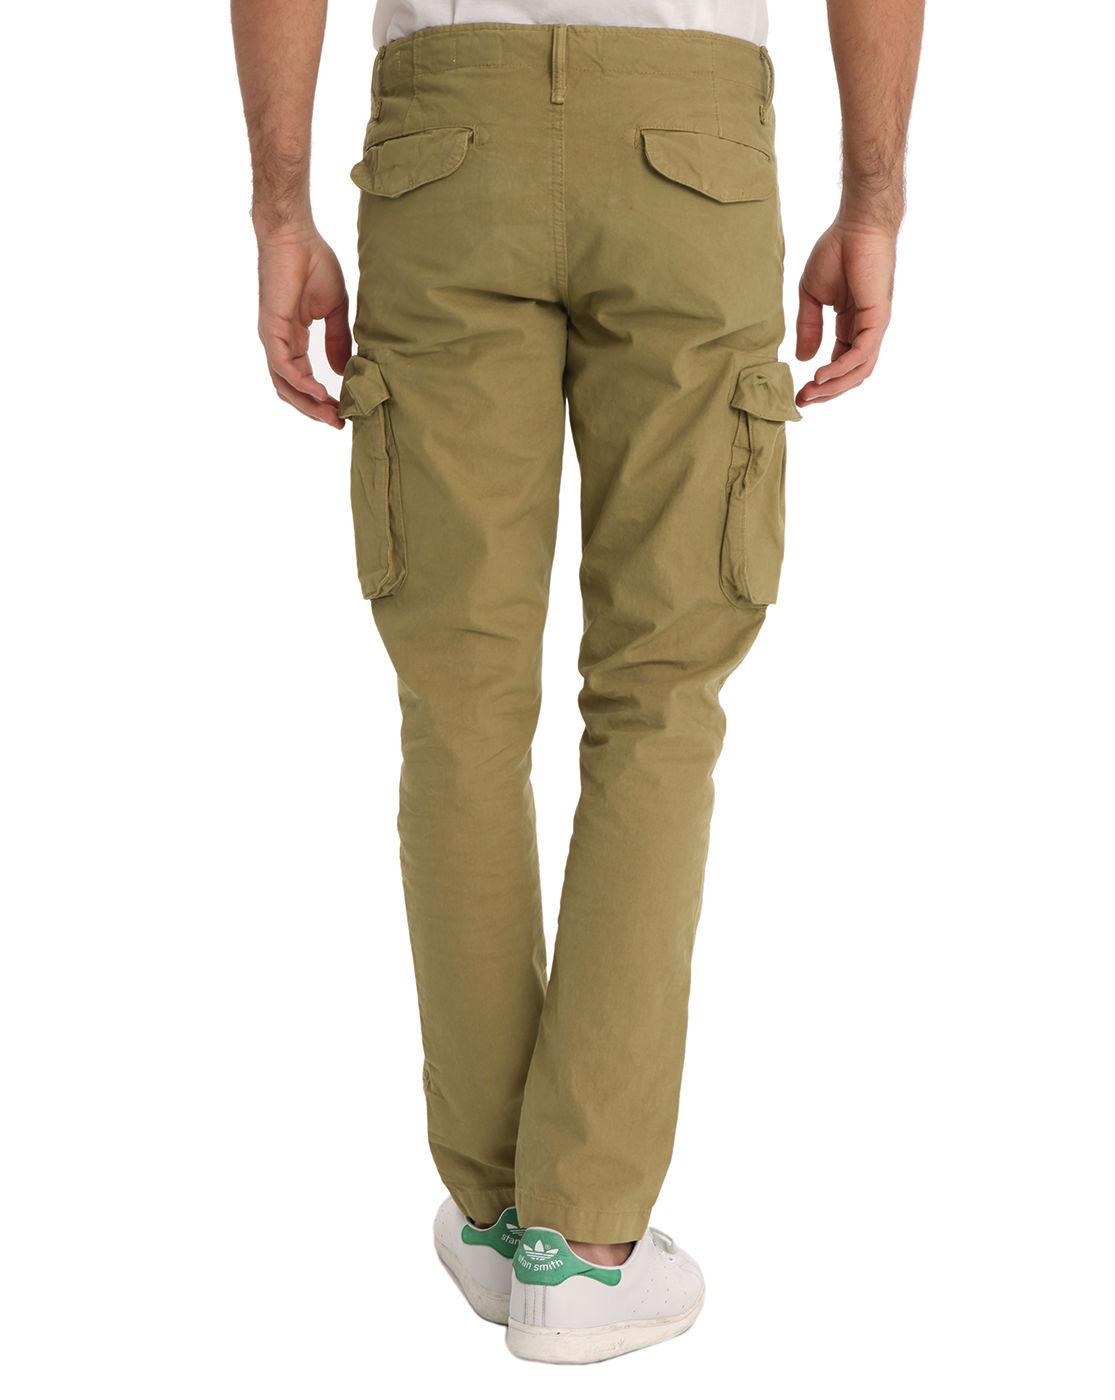 jack jones mike beige cargo pants in natural for men lyst. Black Bedroom Furniture Sets. Home Design Ideas